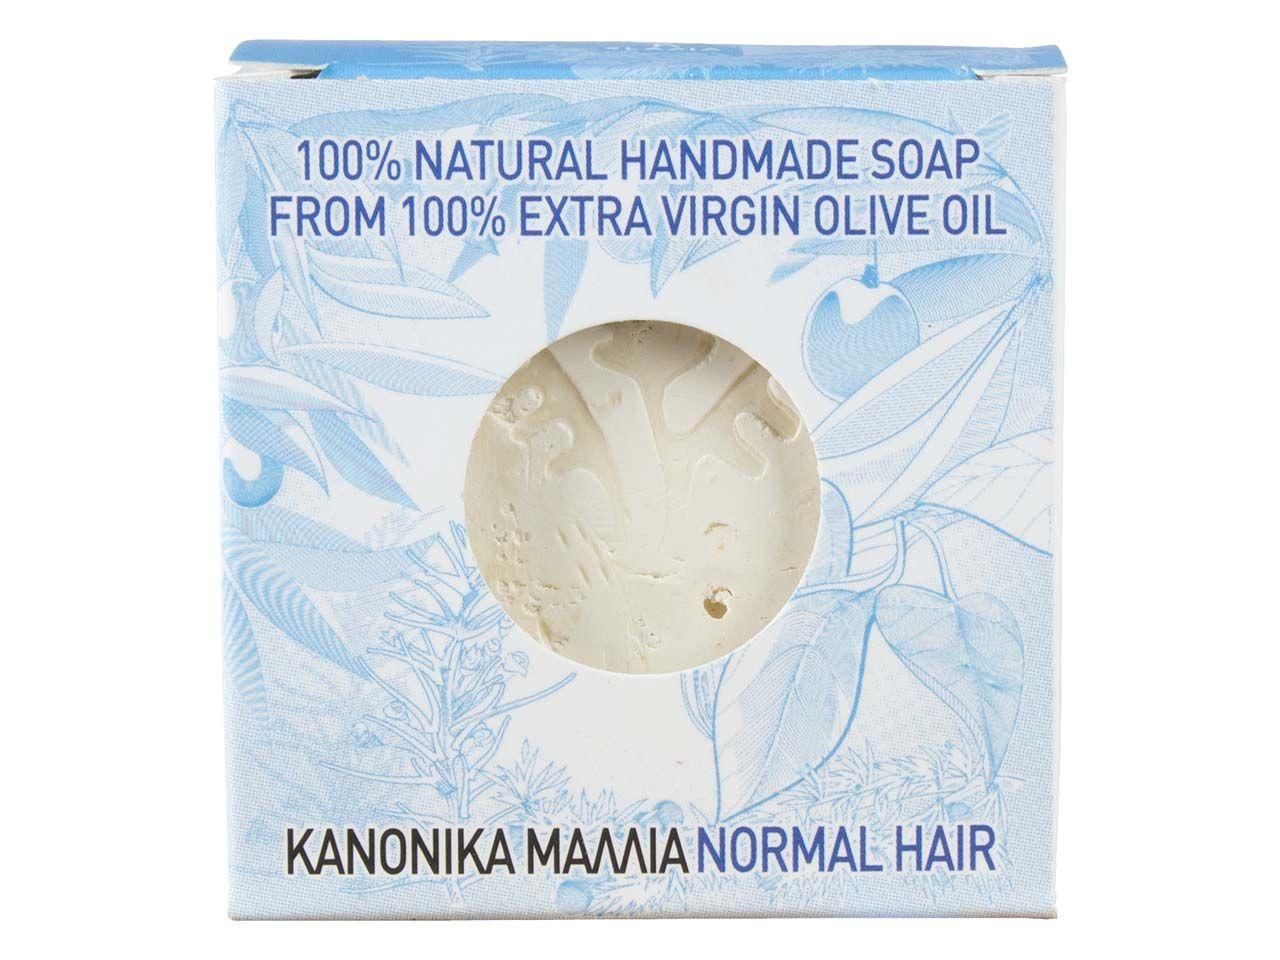 Haarseife aus Olivenöl für normales Haar, 100 g 1402